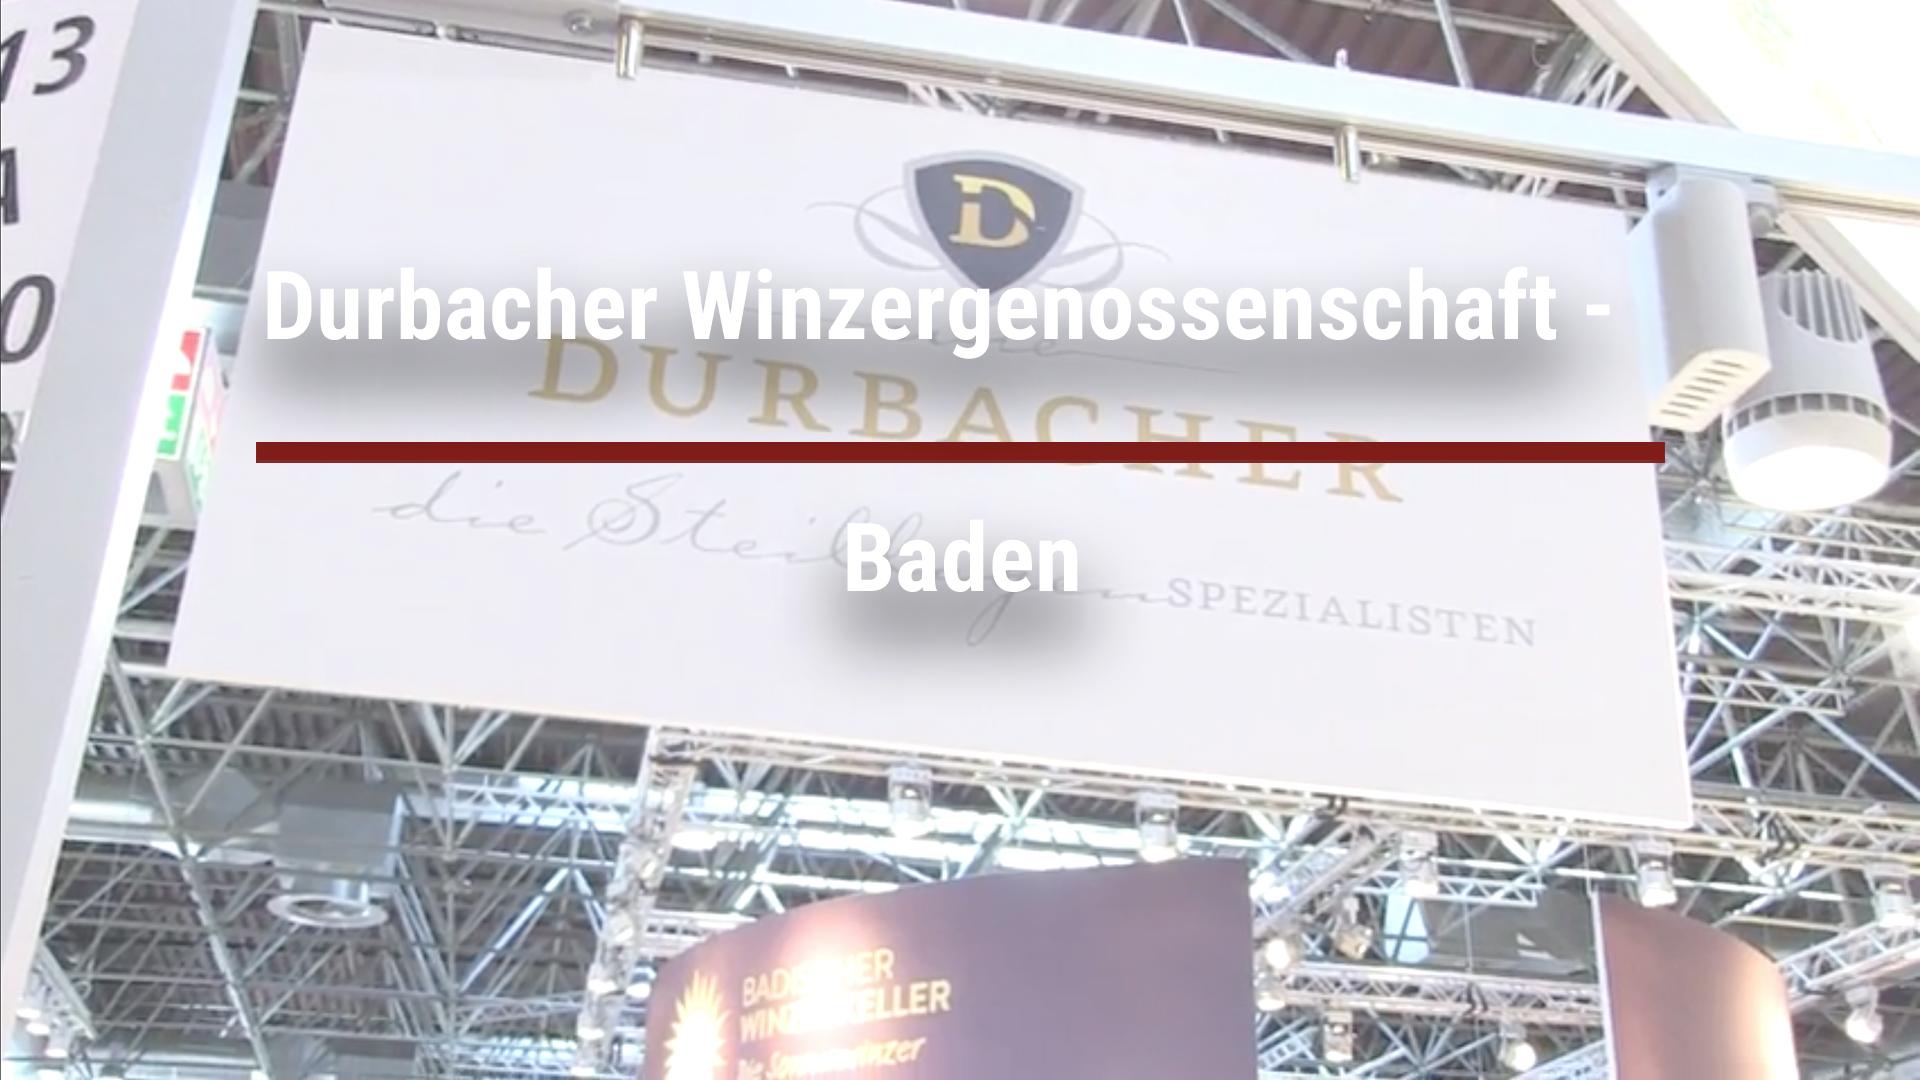 Durbacher Winzergenossenschaft –  Baden